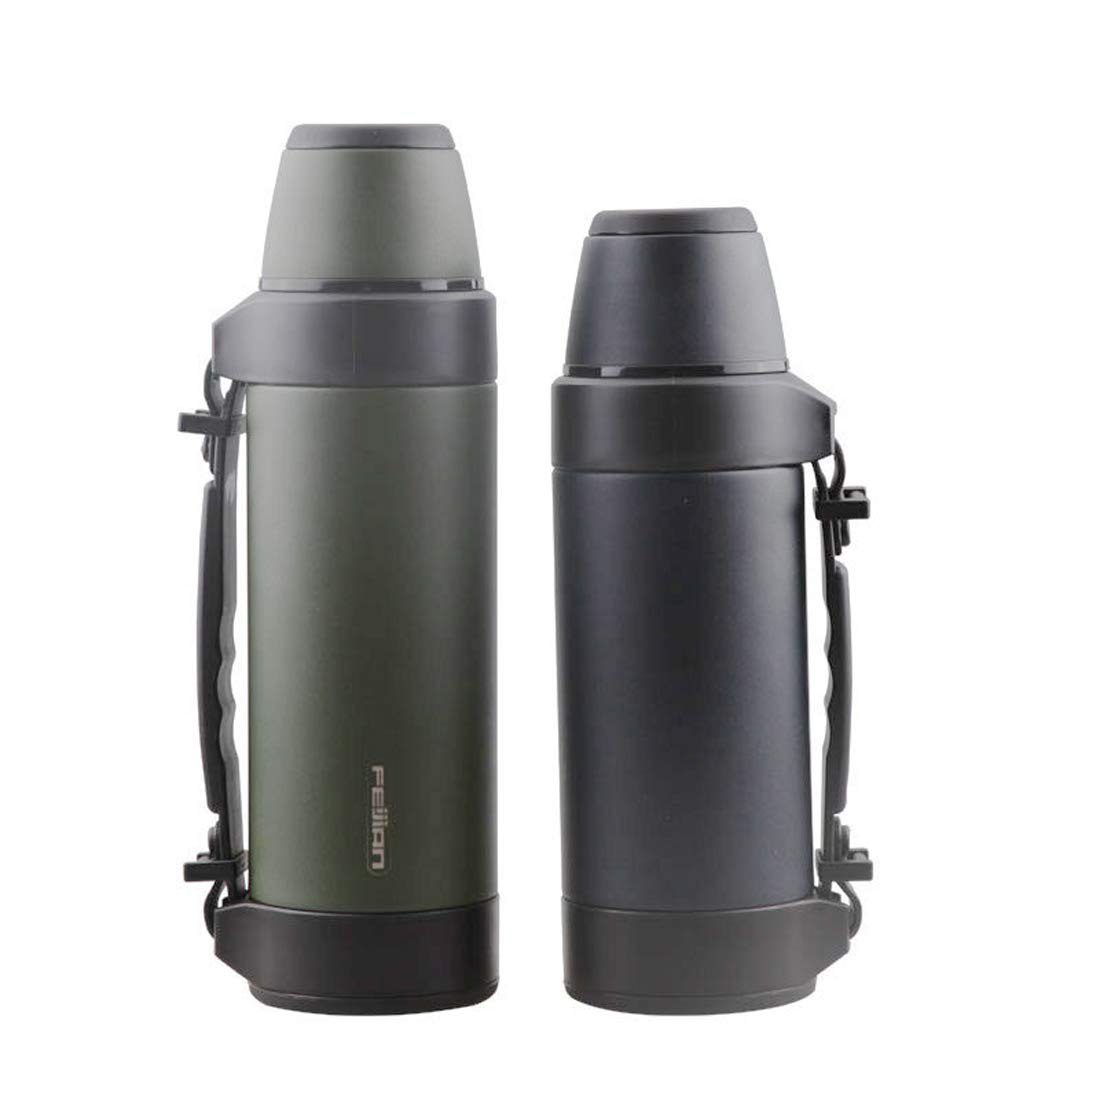 KARTELEI Edelstahl-Vakuum-Insulaterd Wasserflasche im Freien kletternder Kessel der großen Kapazität